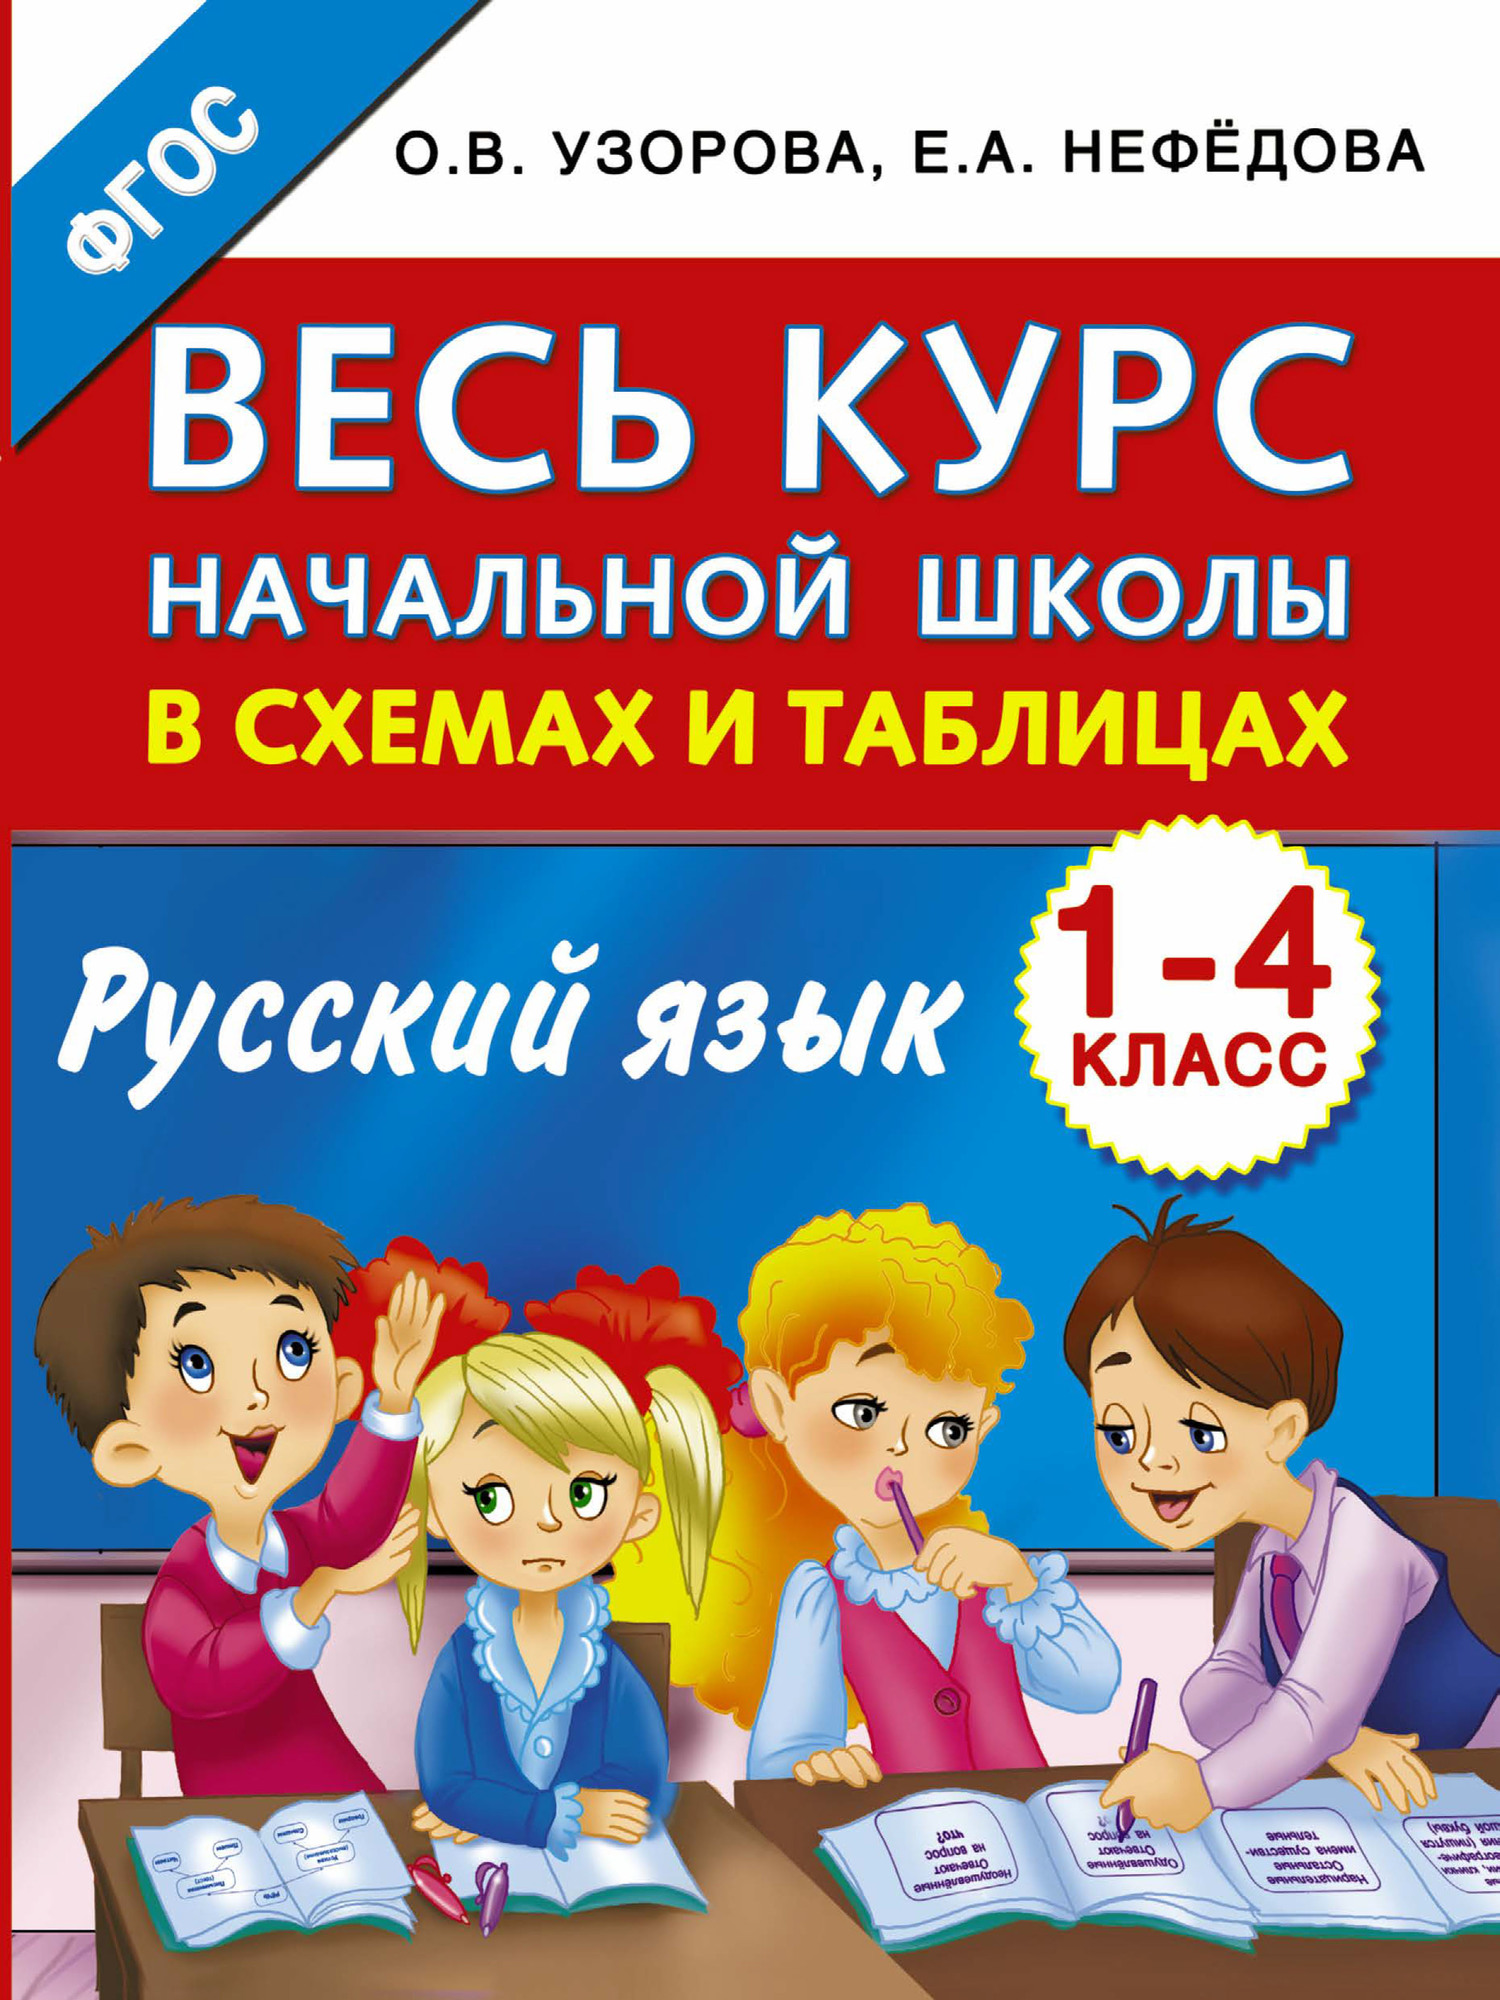 О. В. Узорова. Весь курс начальной школы в схемах и таблицах. Русский язык. 1-4 классы